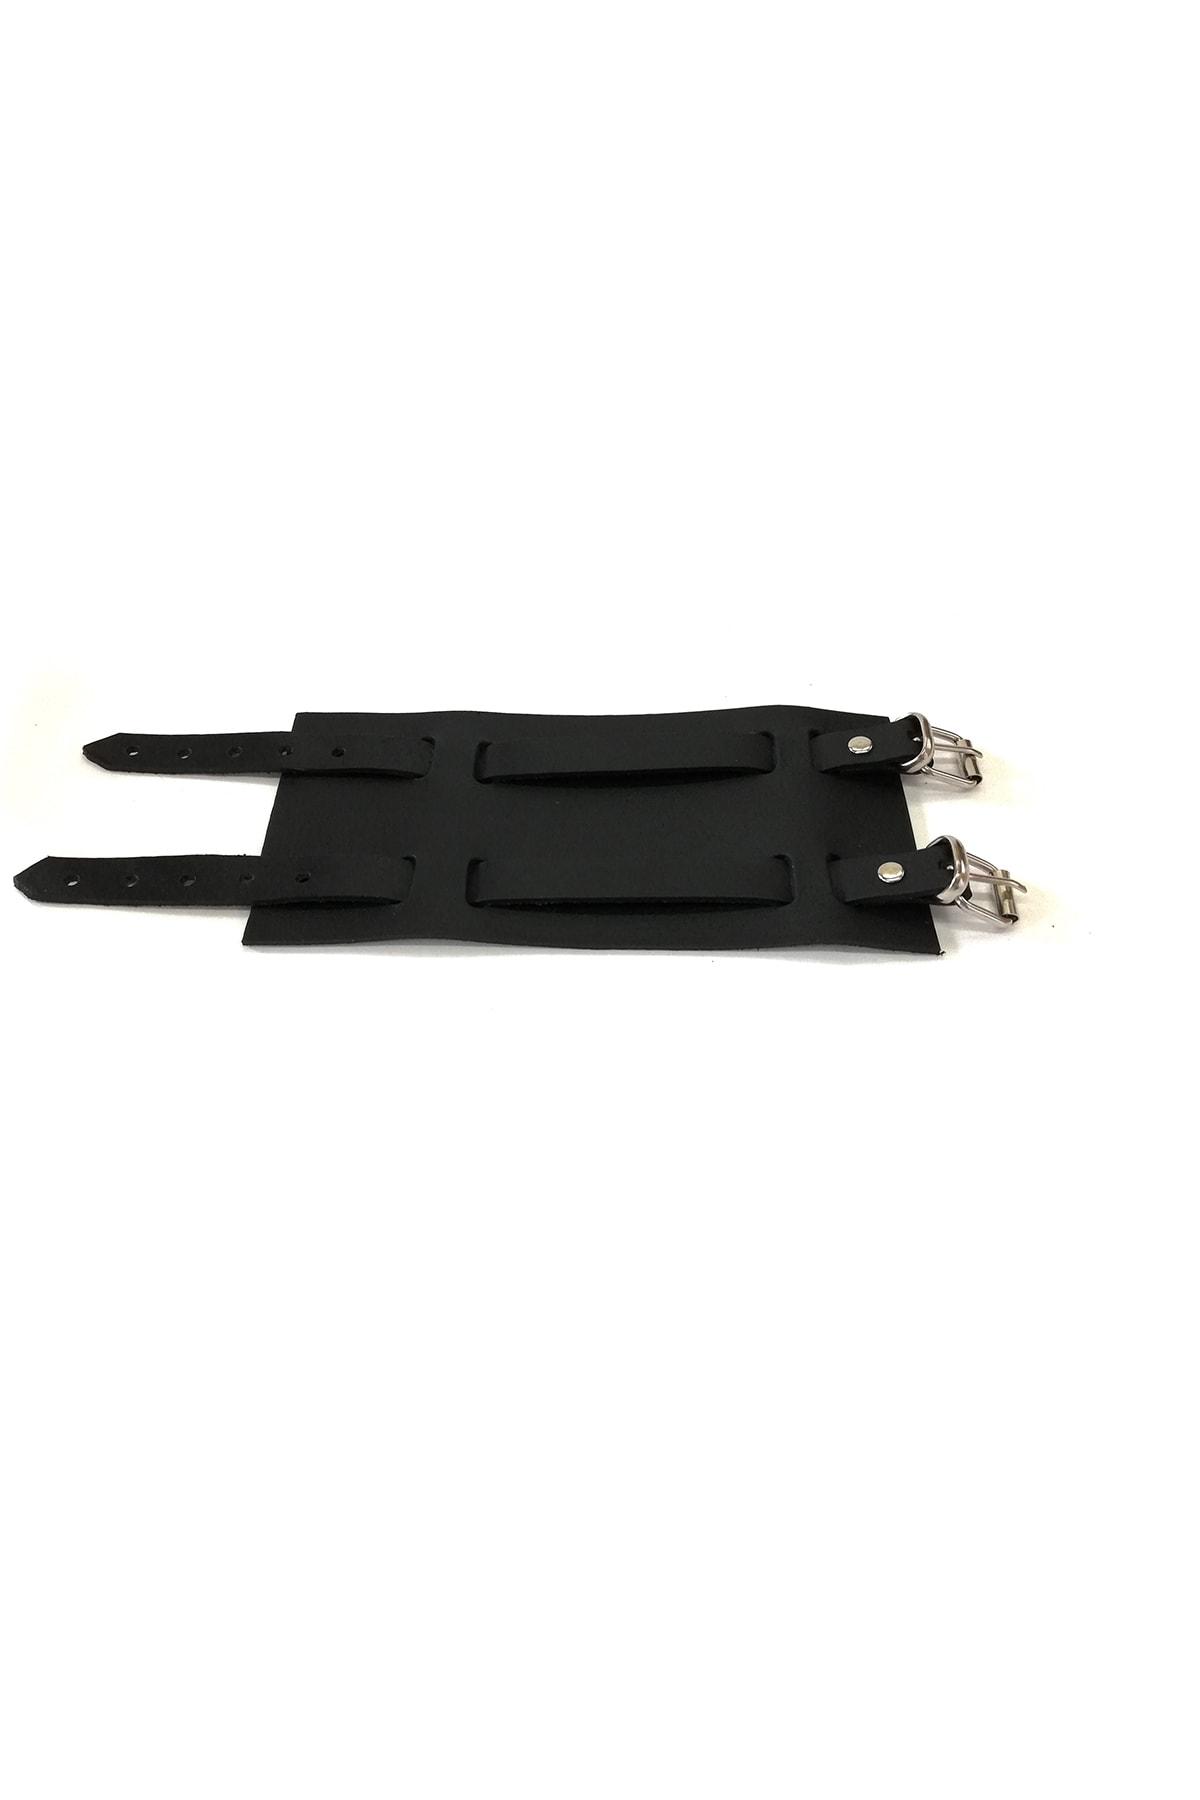 Cascades Leather Hakiki Doğal Dana Derisi Siyah Renk Geniş Osmanlı Bileklik 2